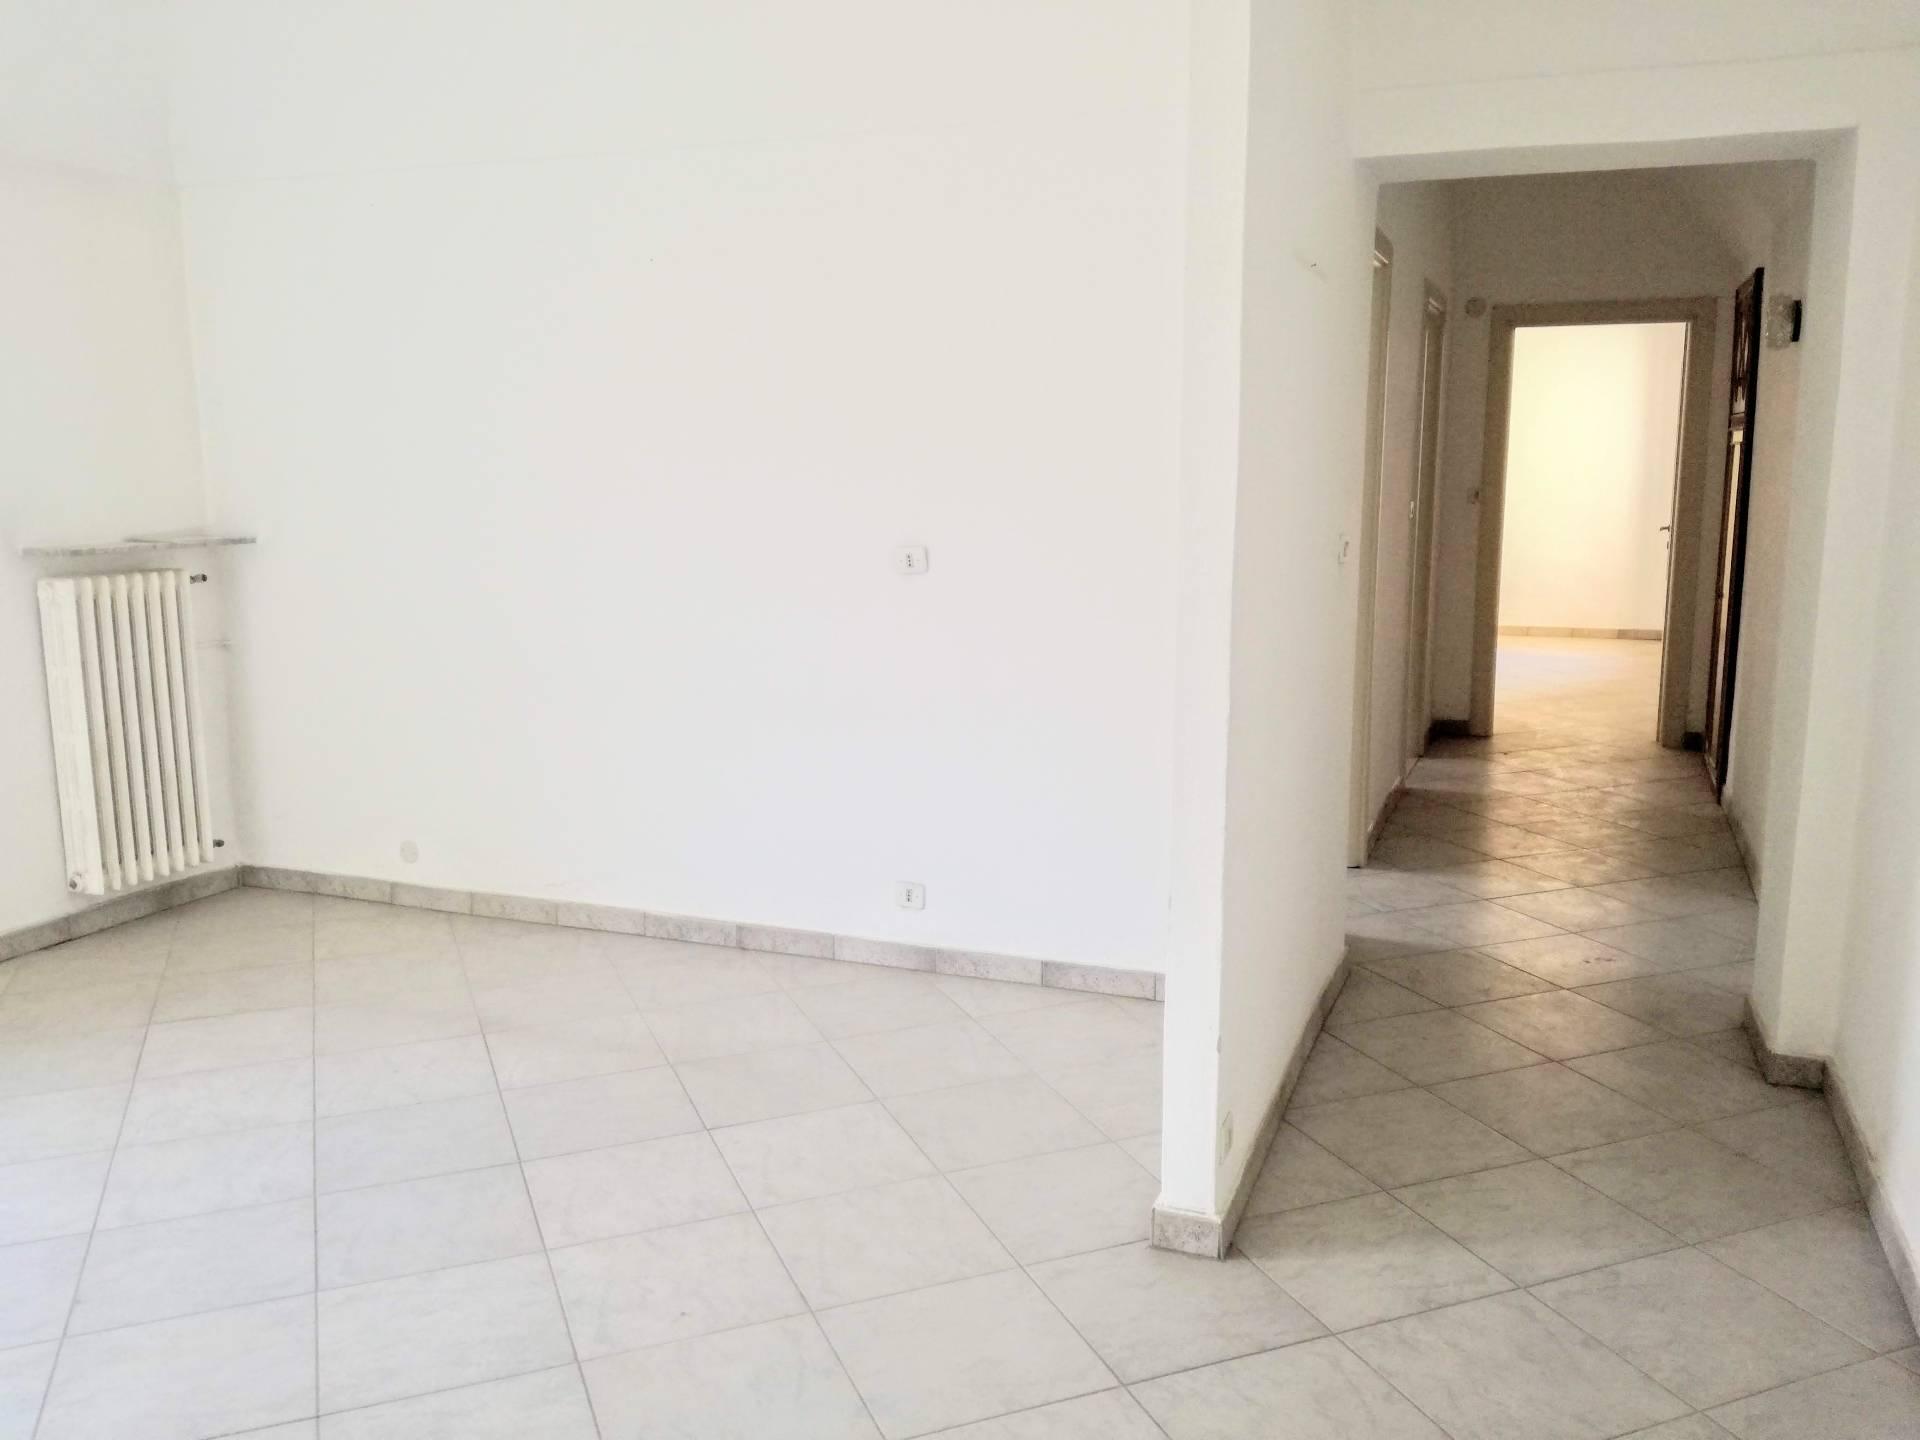 Appartamento in affitto a Casale Monferrato, 3 locali, prezzo € 350 | CambioCasa.it